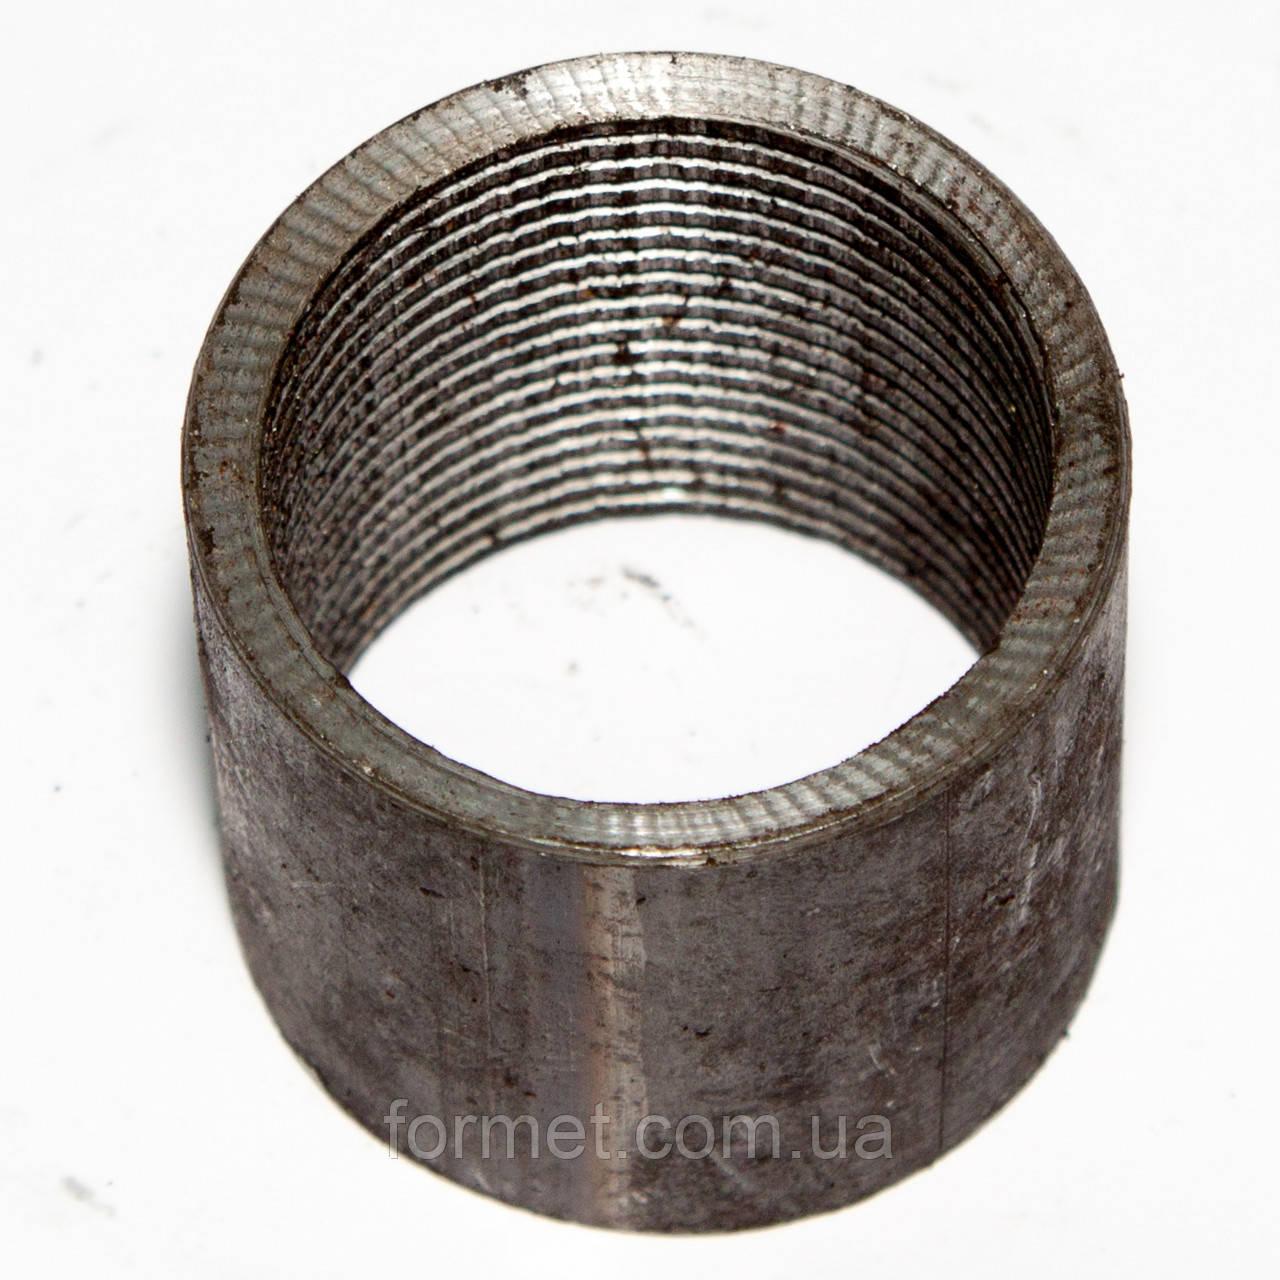 Муфта сталева 32